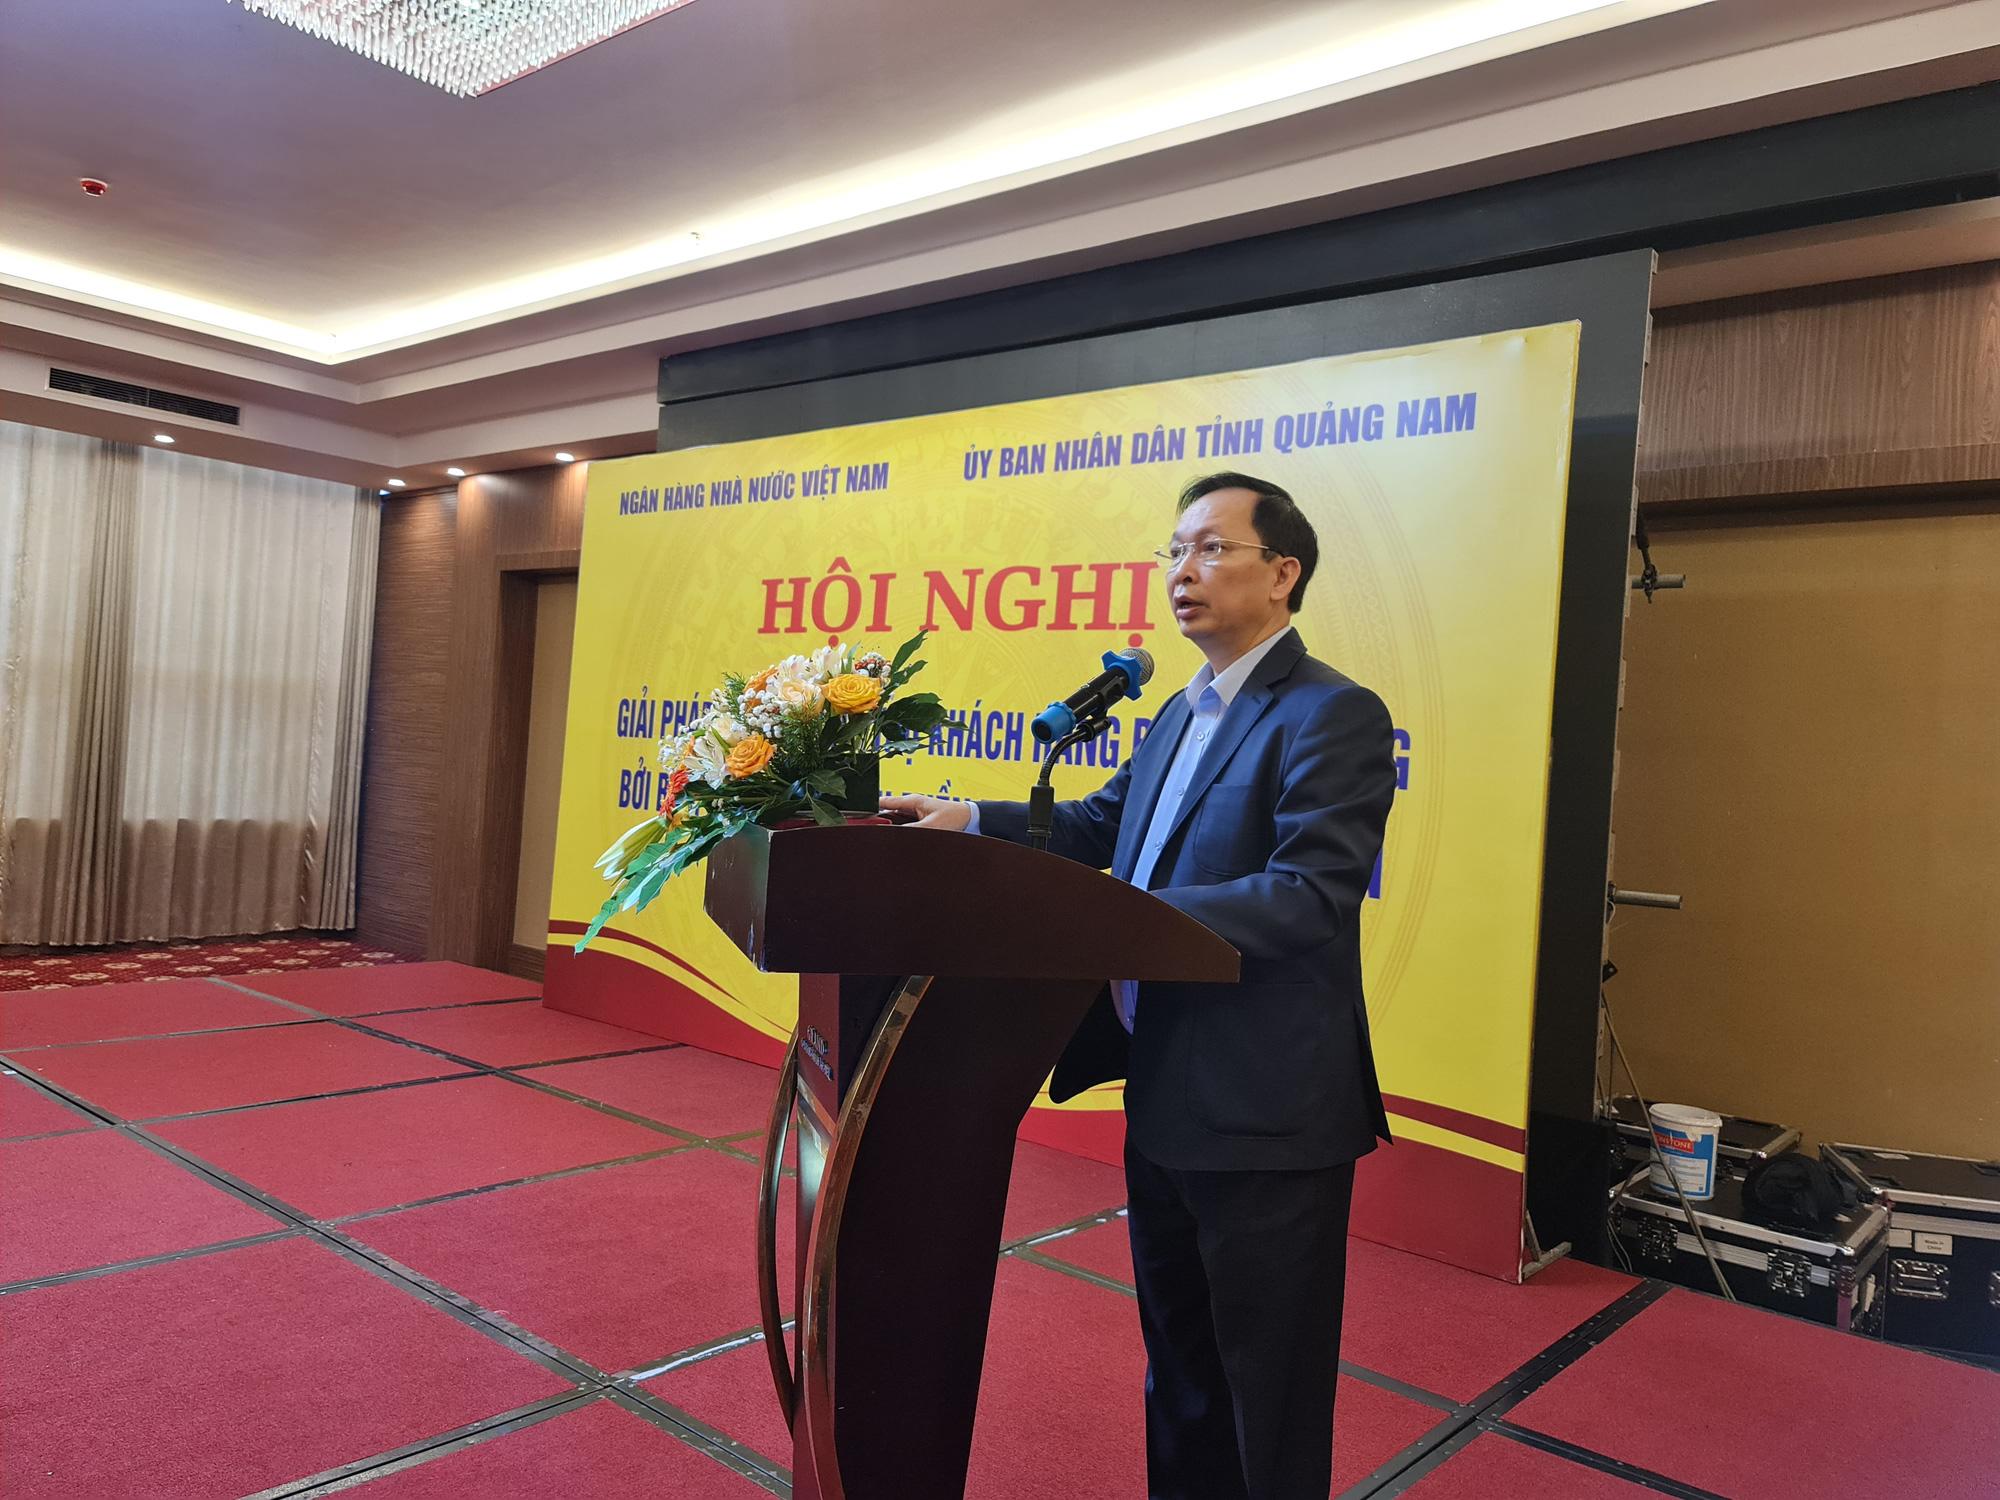 Ngân hàng Nhà nước Việt Nam - Hiến kế giúp người dân miền Trung - Tây Nguyên khắc phục sau bão, lũ - Ảnh 1.